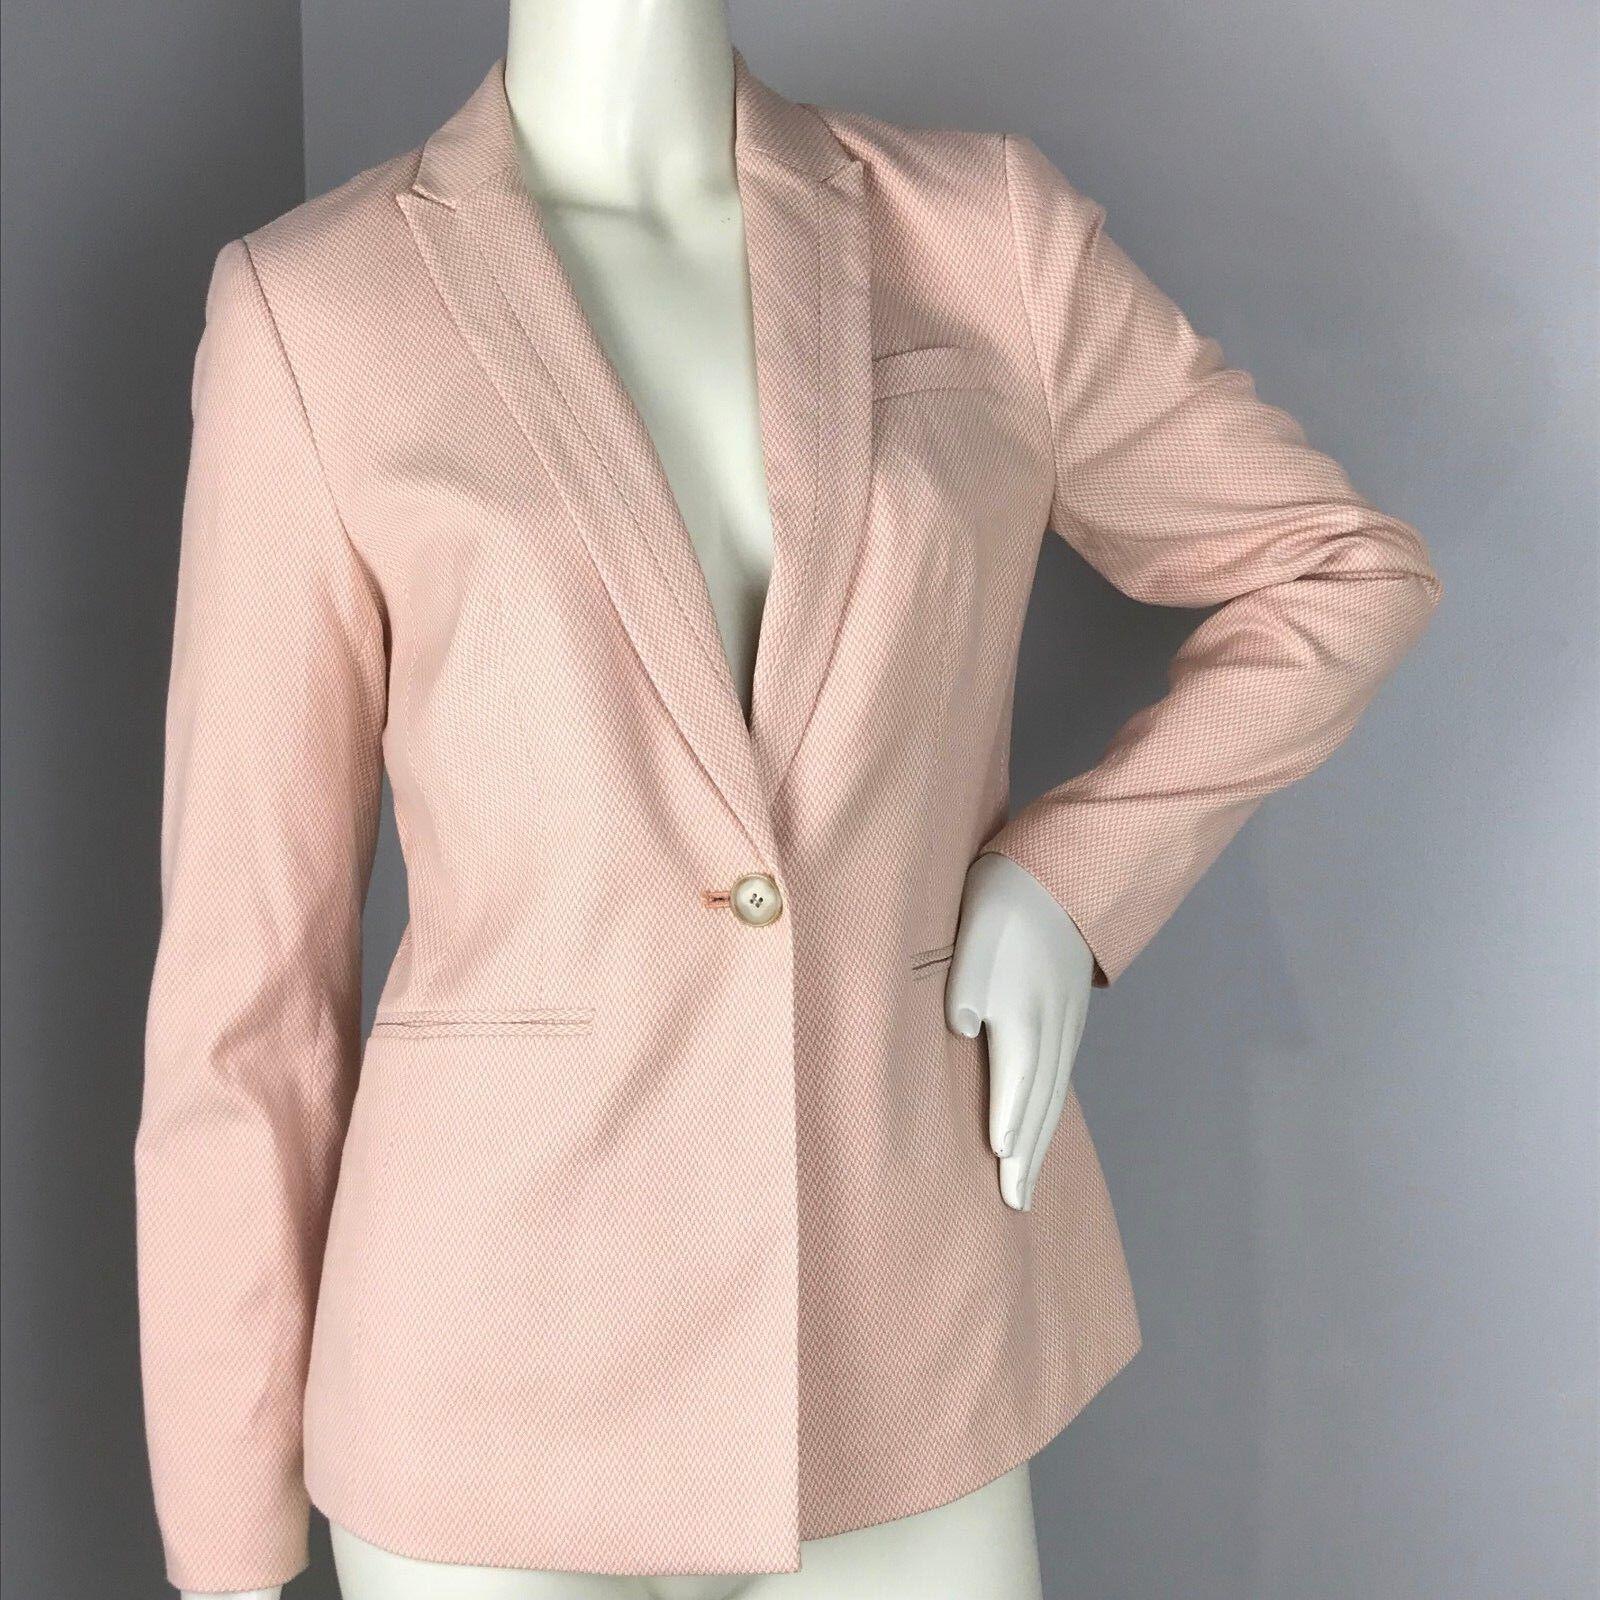 Talbots Peach White One Button Blazer Size 2